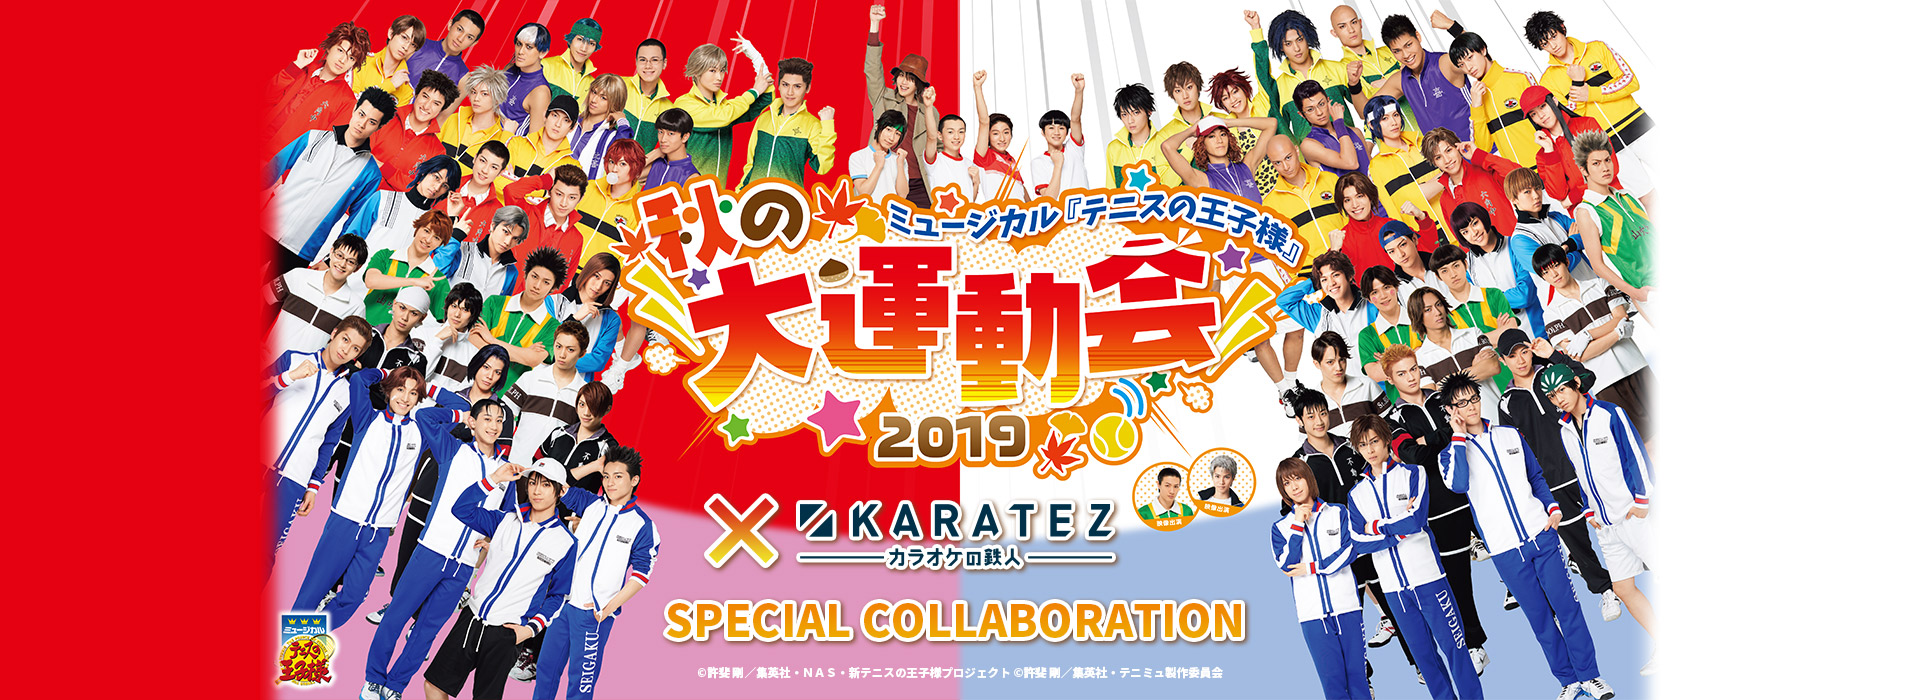 ミュージカル テニスの王子様 秋の大運動会 2019 カラオケの鉄人